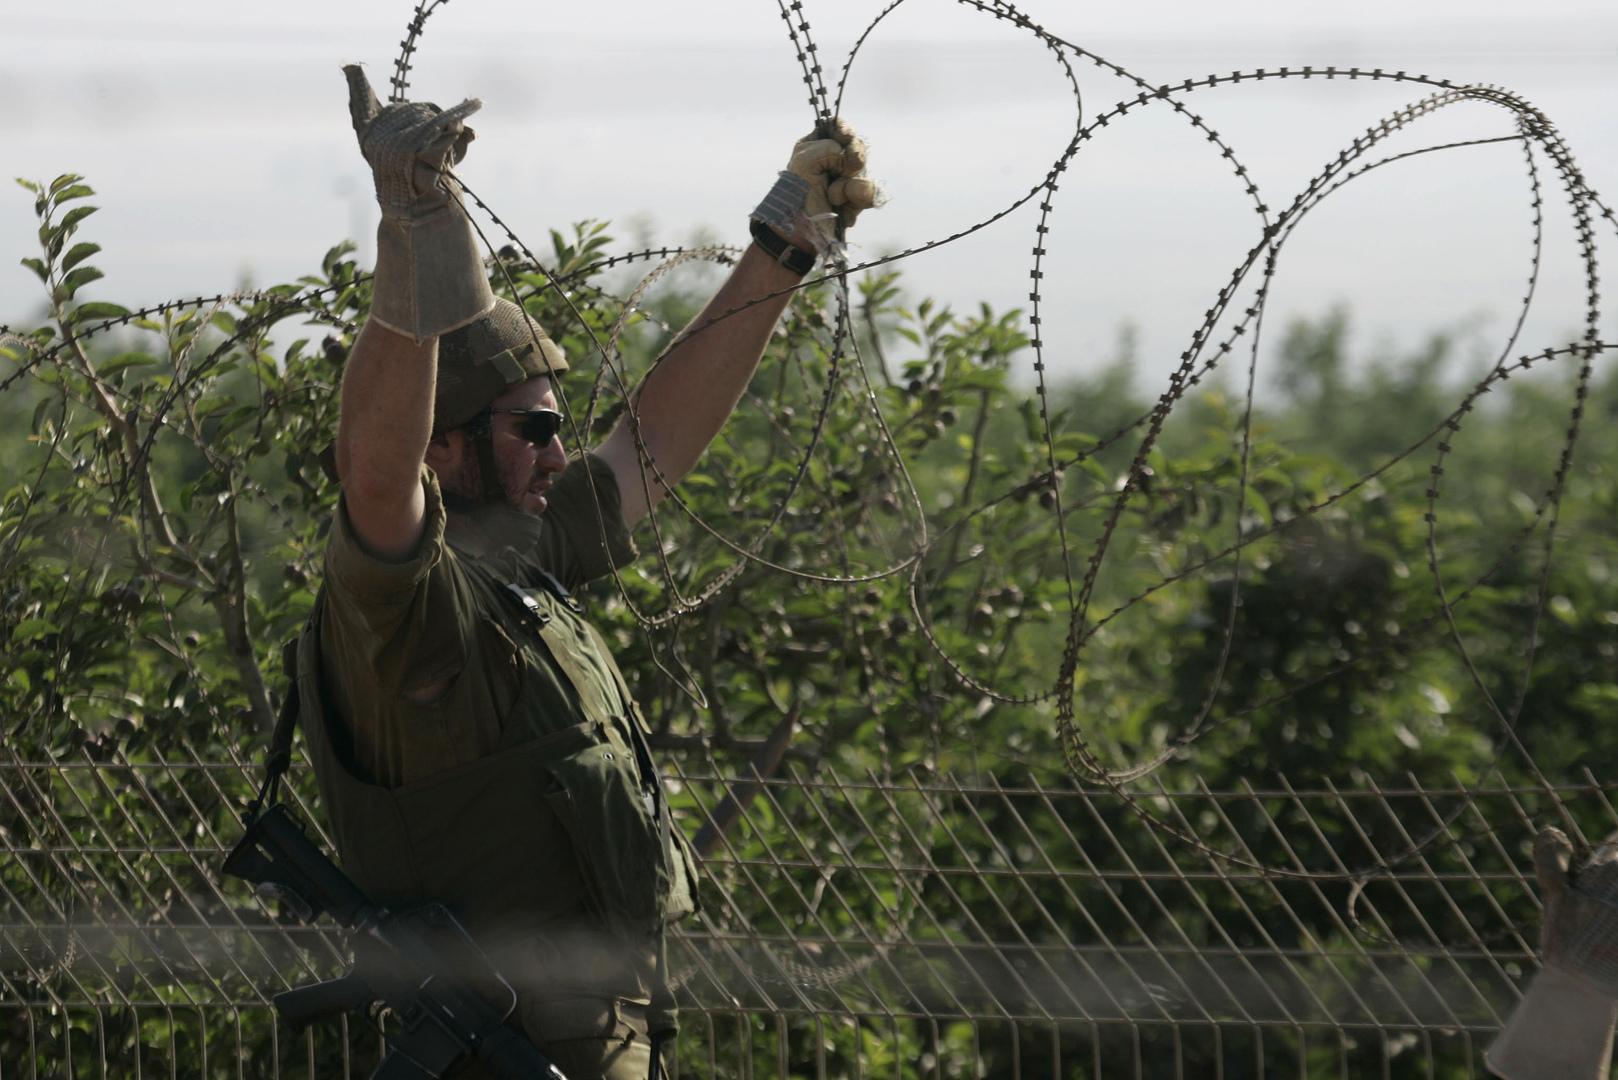 الجيش الإسرائيلي يعلن سقوط مسيرة داخل لبنان و